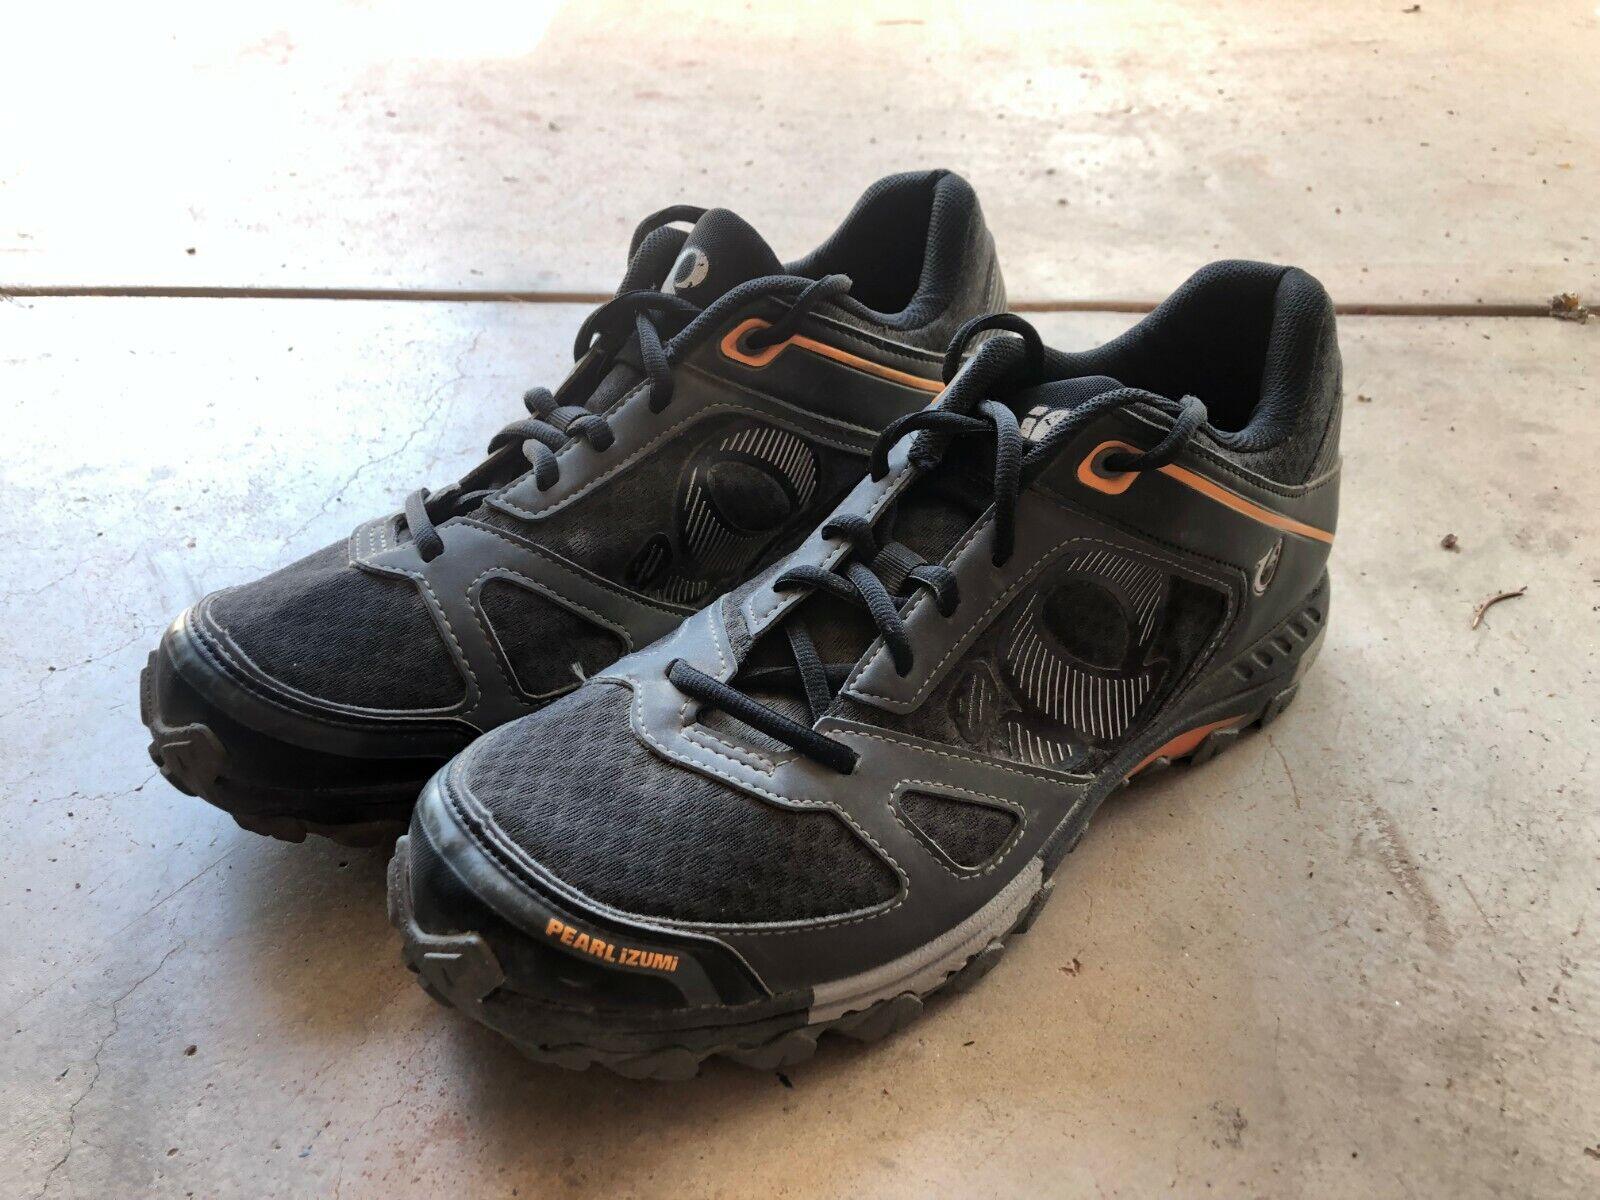 Pearl Izumi X Alp Seek V Con Cordones Zapatillas De Montaña Ciclismo Zapatos Talla EU 48 nos 13